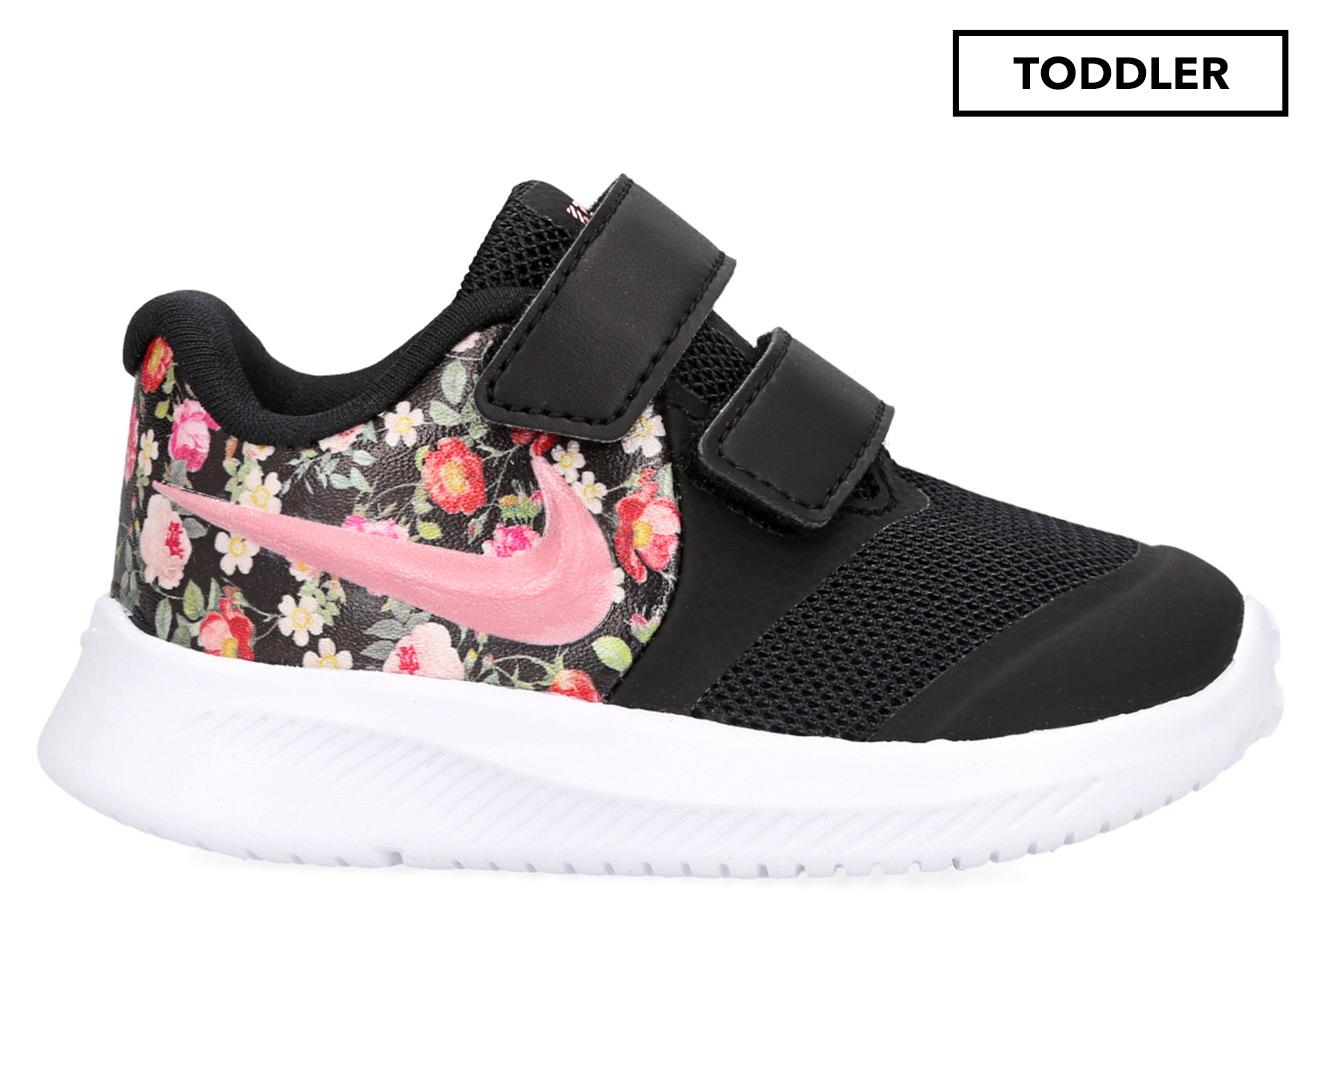 Nike Toddler Girls' Star Runner 2 Vintage Floral Shoes BlackPink TintPale Ivory